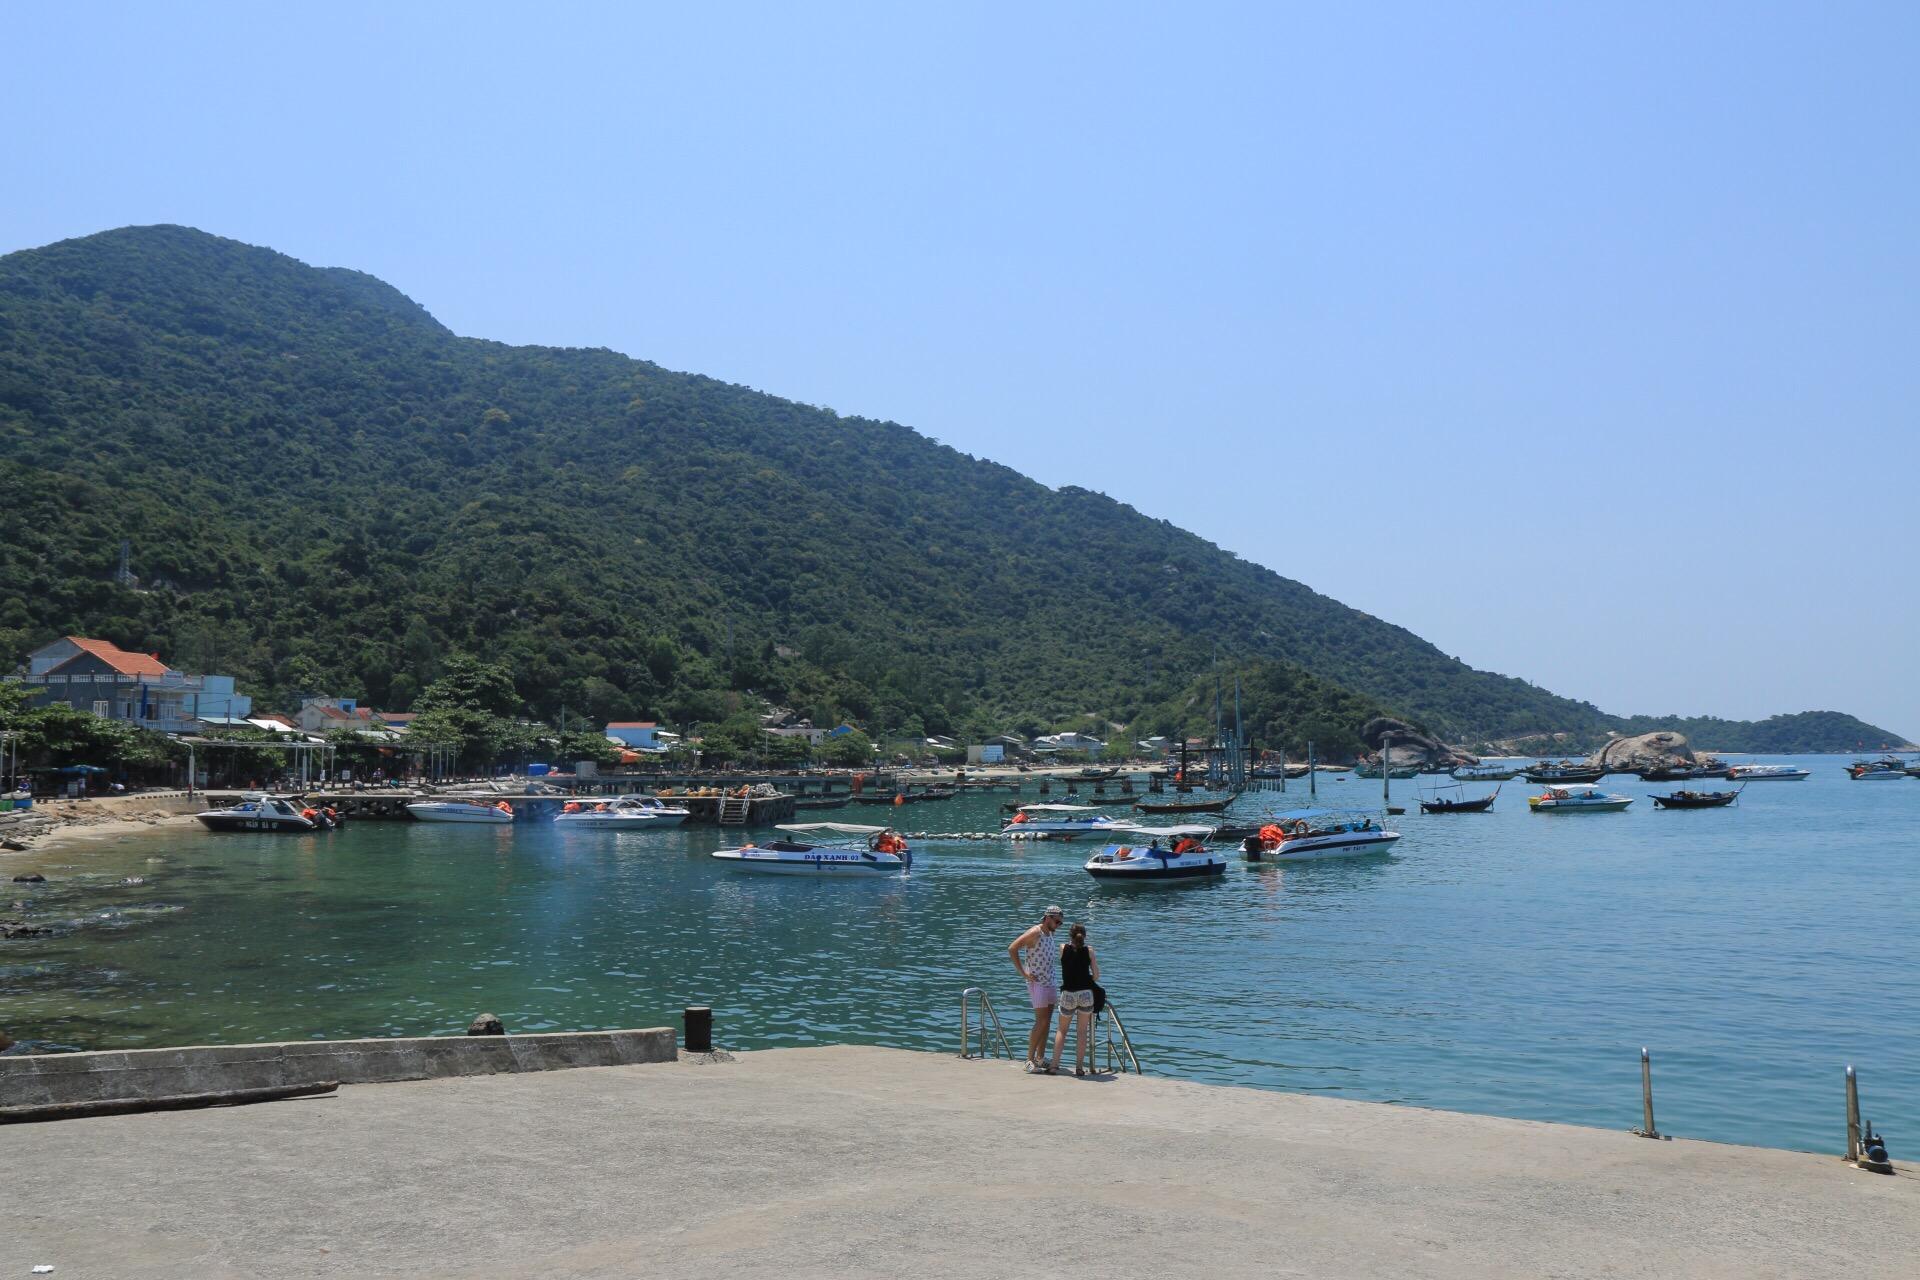 Zurück am Hafen fuhren wir ein kurzes Stück in die nächste Bucht.